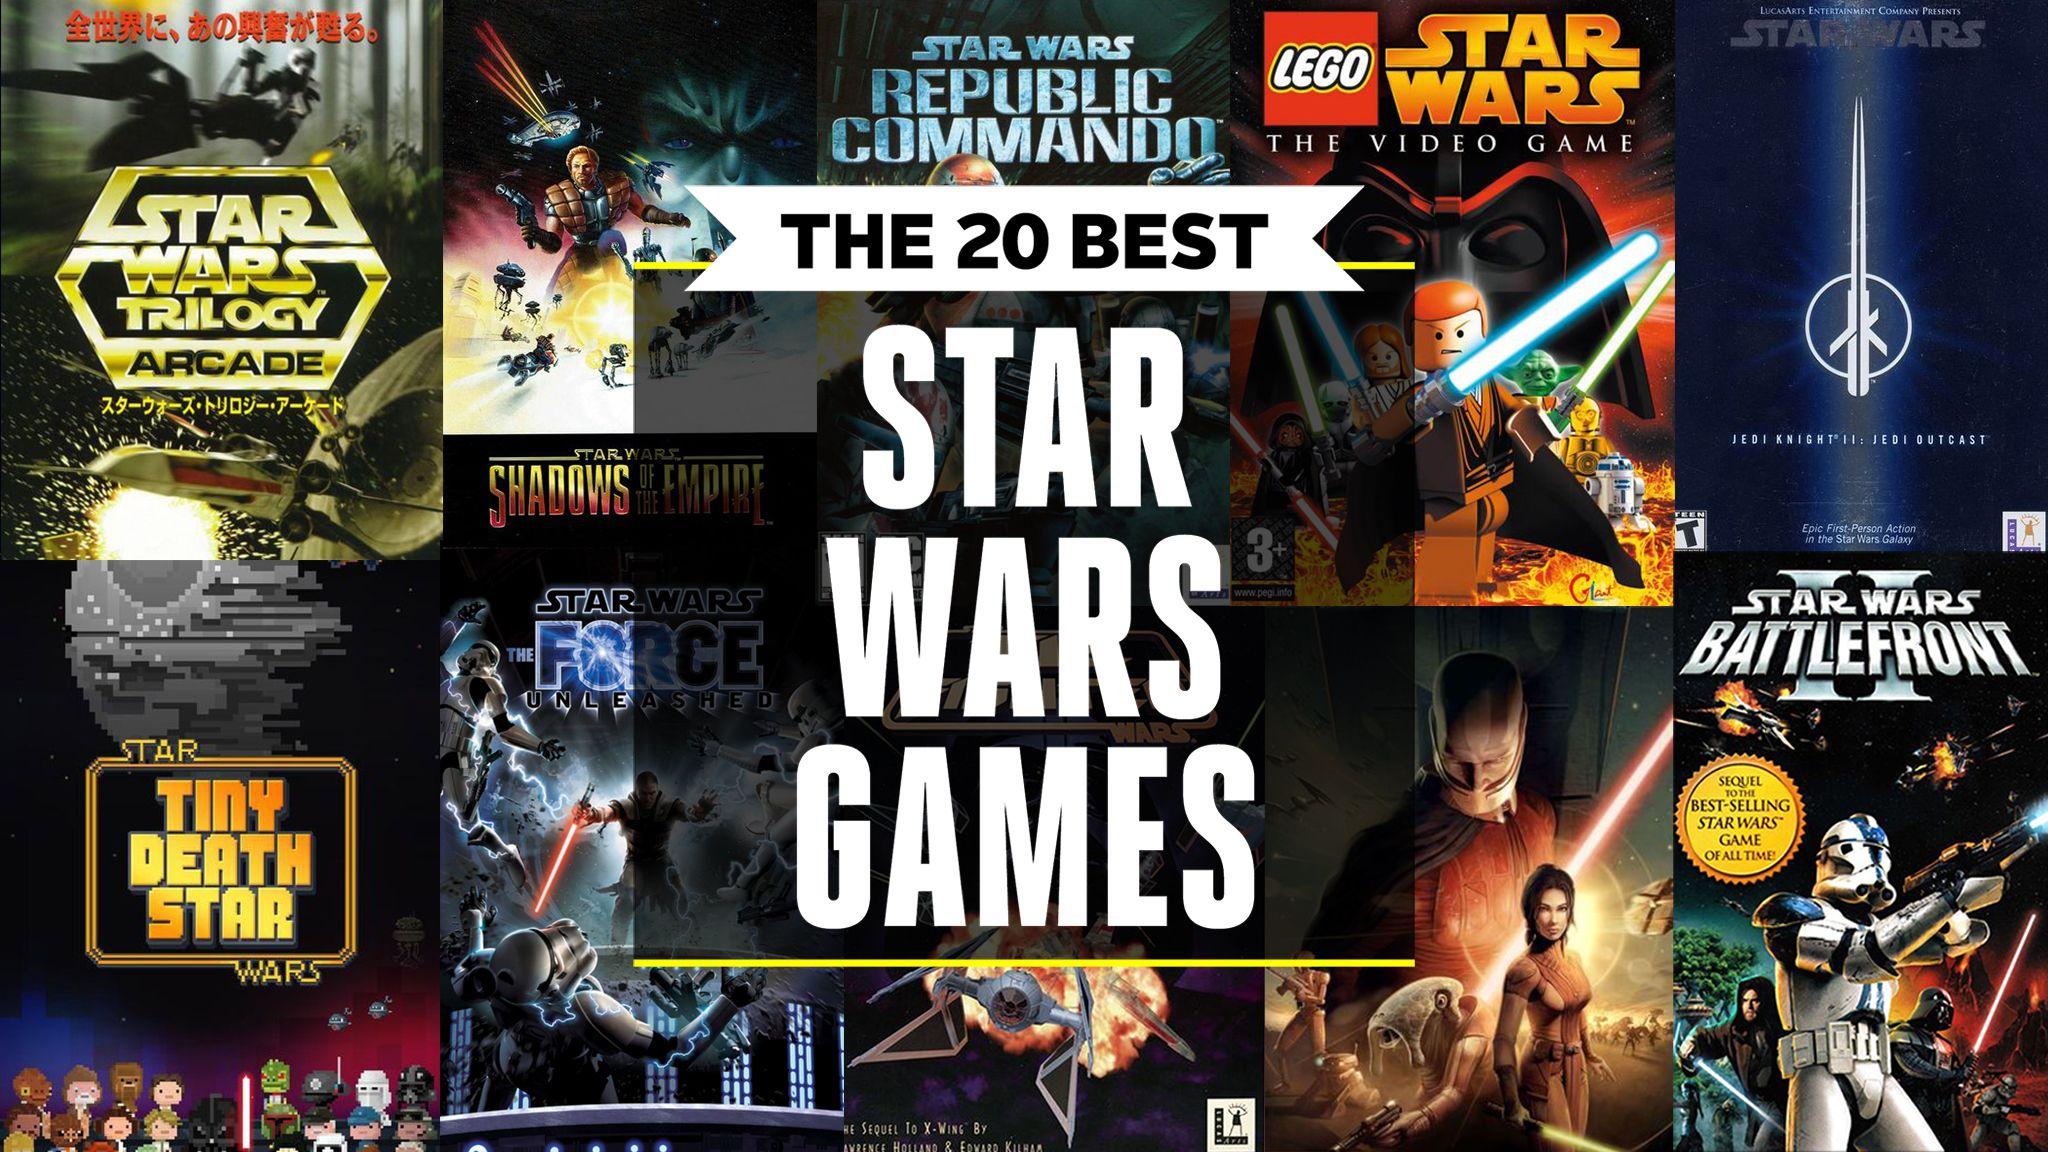 Best Star Wars Games 2019 - Star Wars Video Games